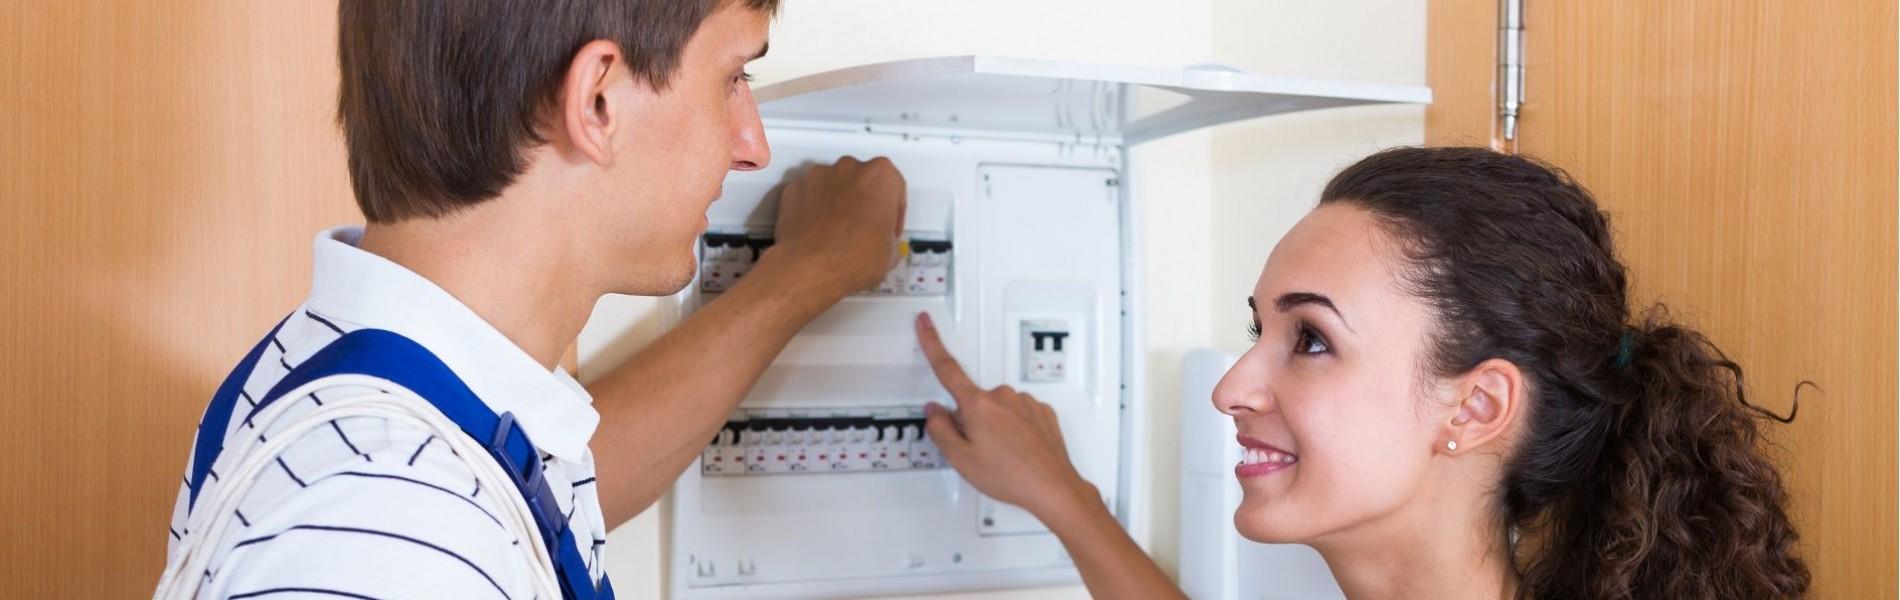 Comment réaliser facilement des économies d'énergie ?